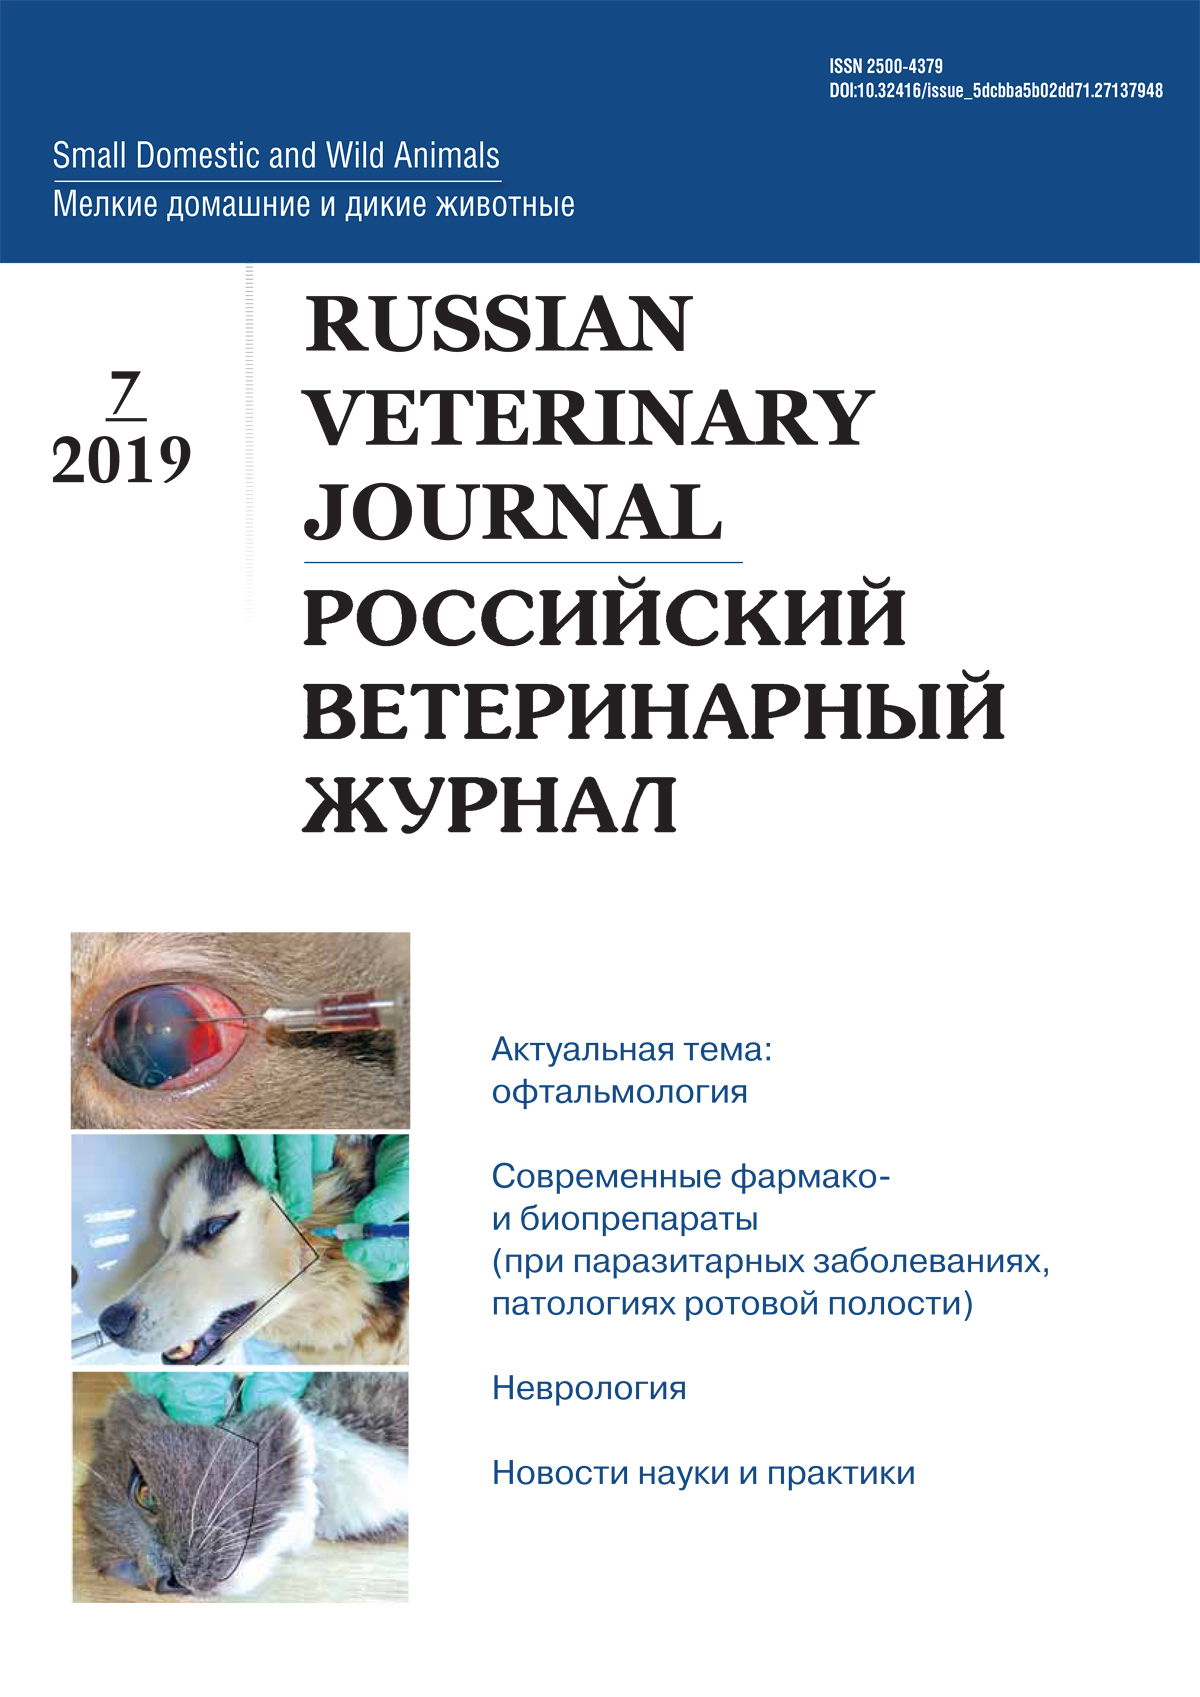 РВЖ МДЖ №7-2019